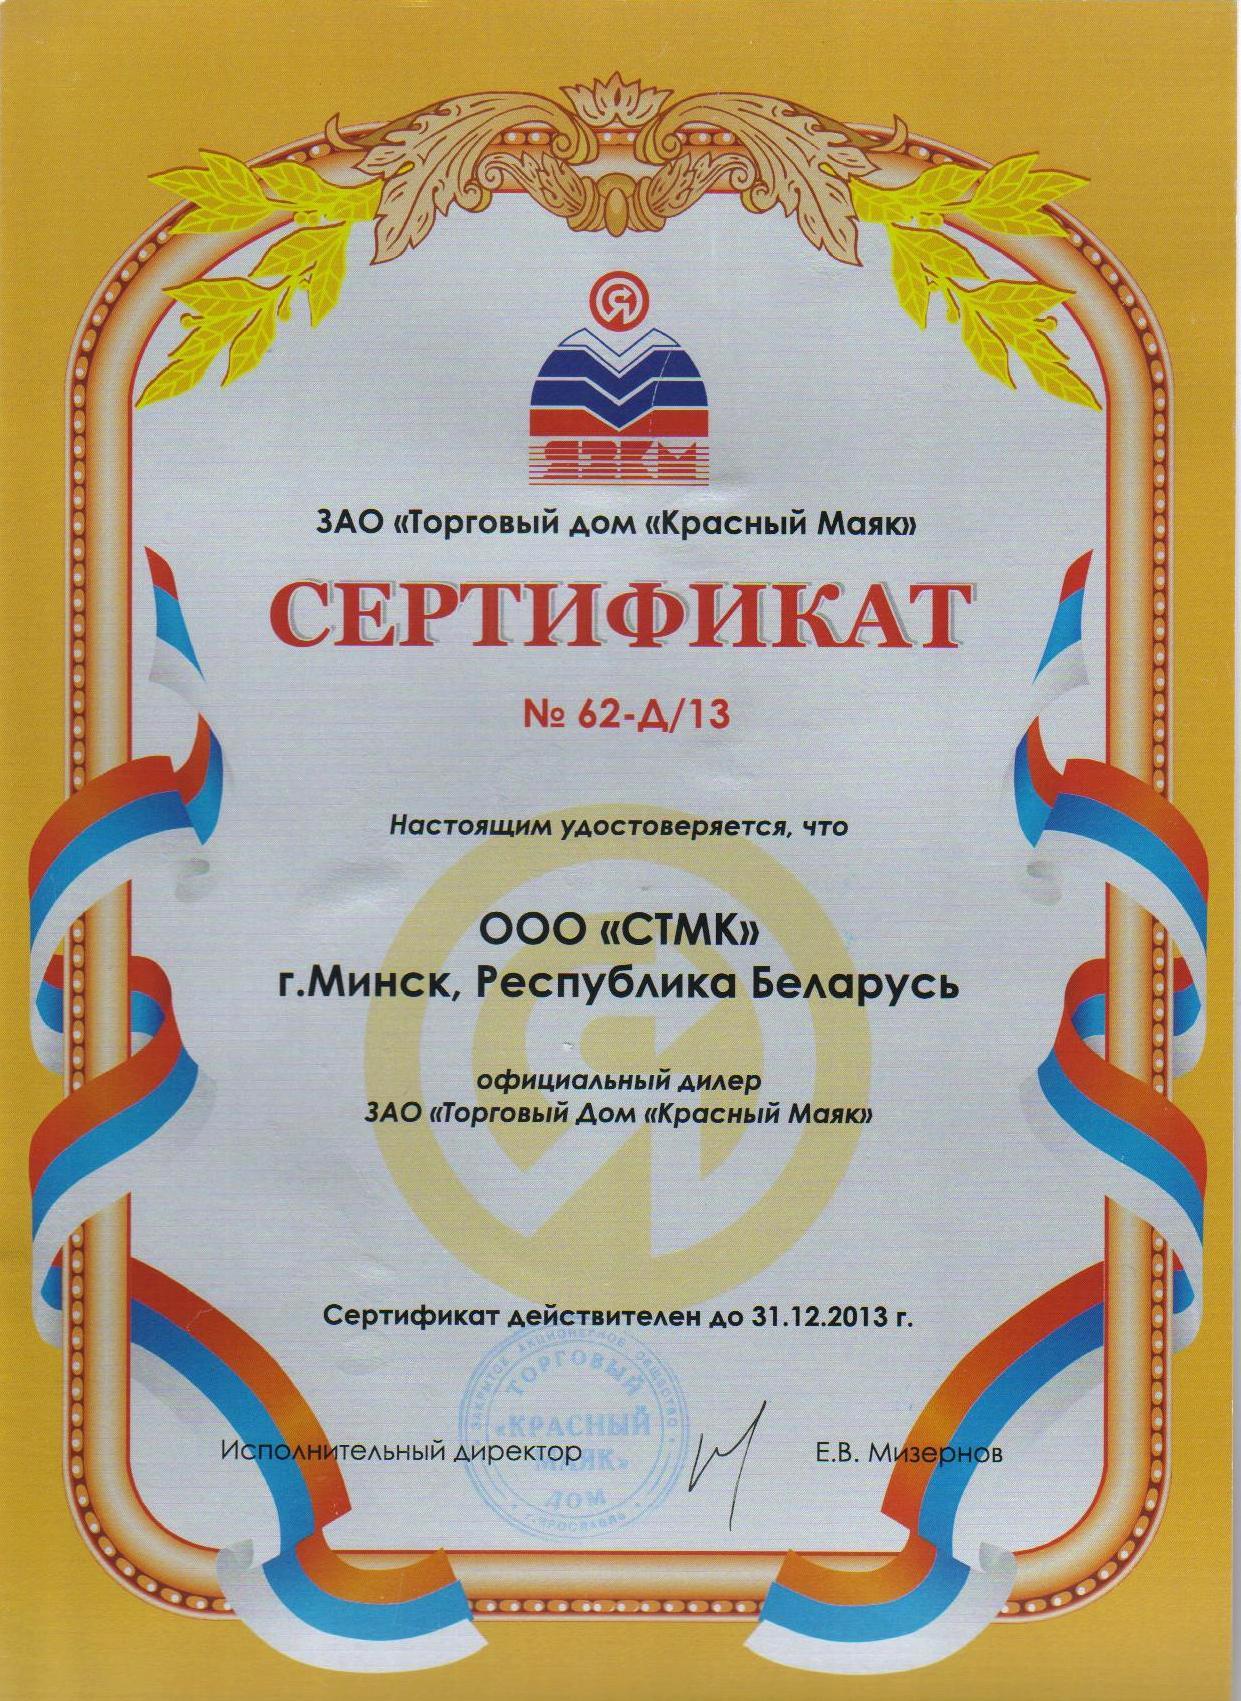 СТМК - официальный представитель Ярославского завода Красный Маяк в Беларуси